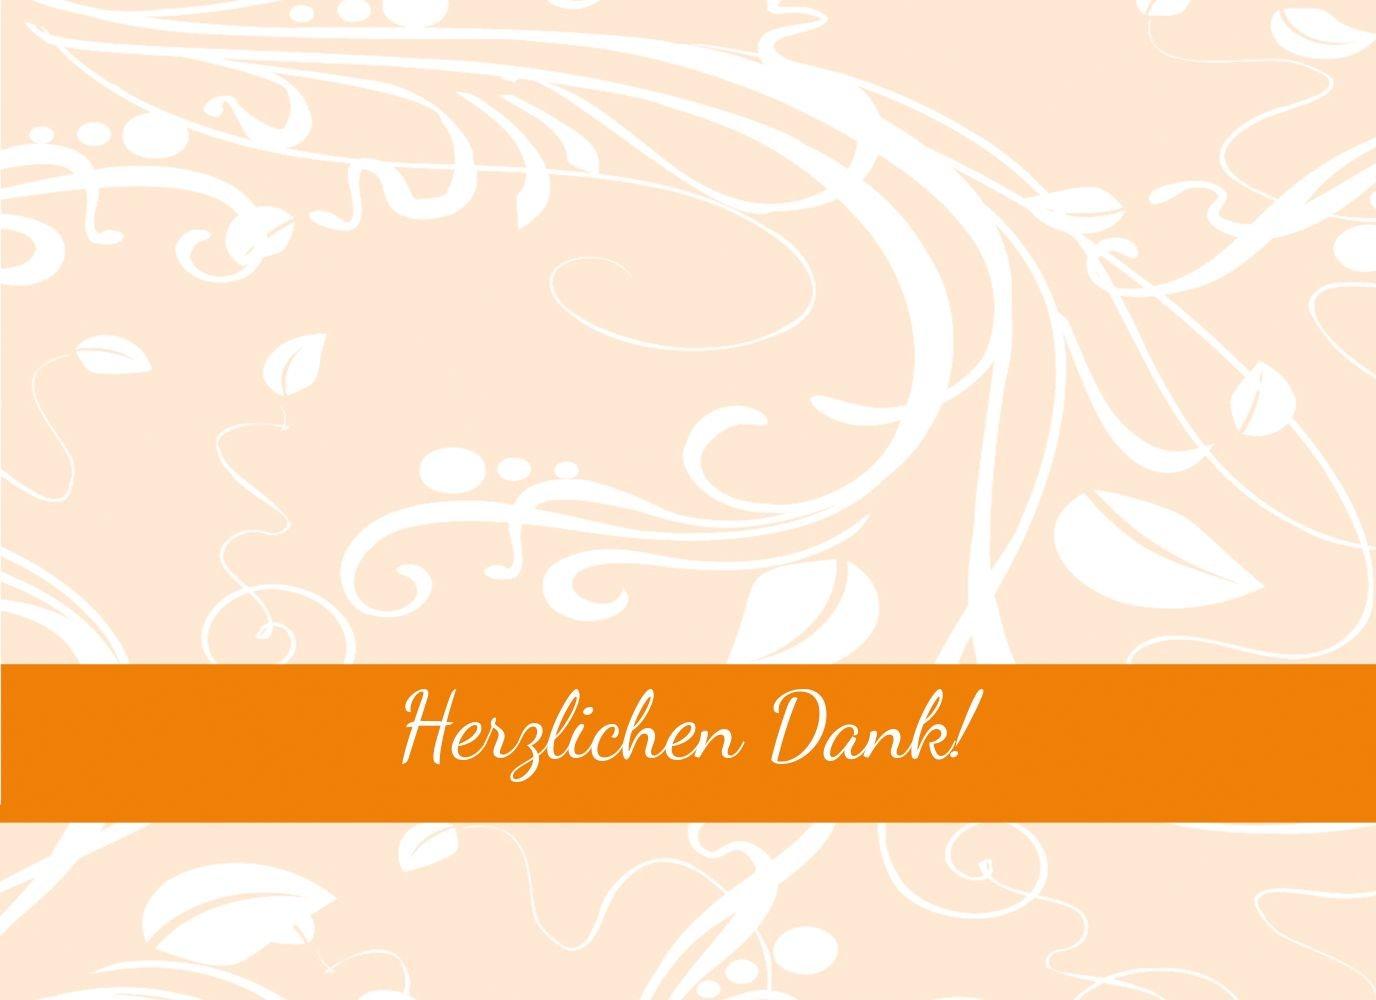 Kartenparadies Danksagung für für für Hochzeitsgeschenke Hochzeit Dankeskarte Blättertraum, hochwertige Danksagungskarte Hochzeitsglückwünsche inklusive Umschläge   10 Karten - (Format  148x105 mm) Farbe  WeinRot B01NAVROZ6 | Beliebte Emp b60326